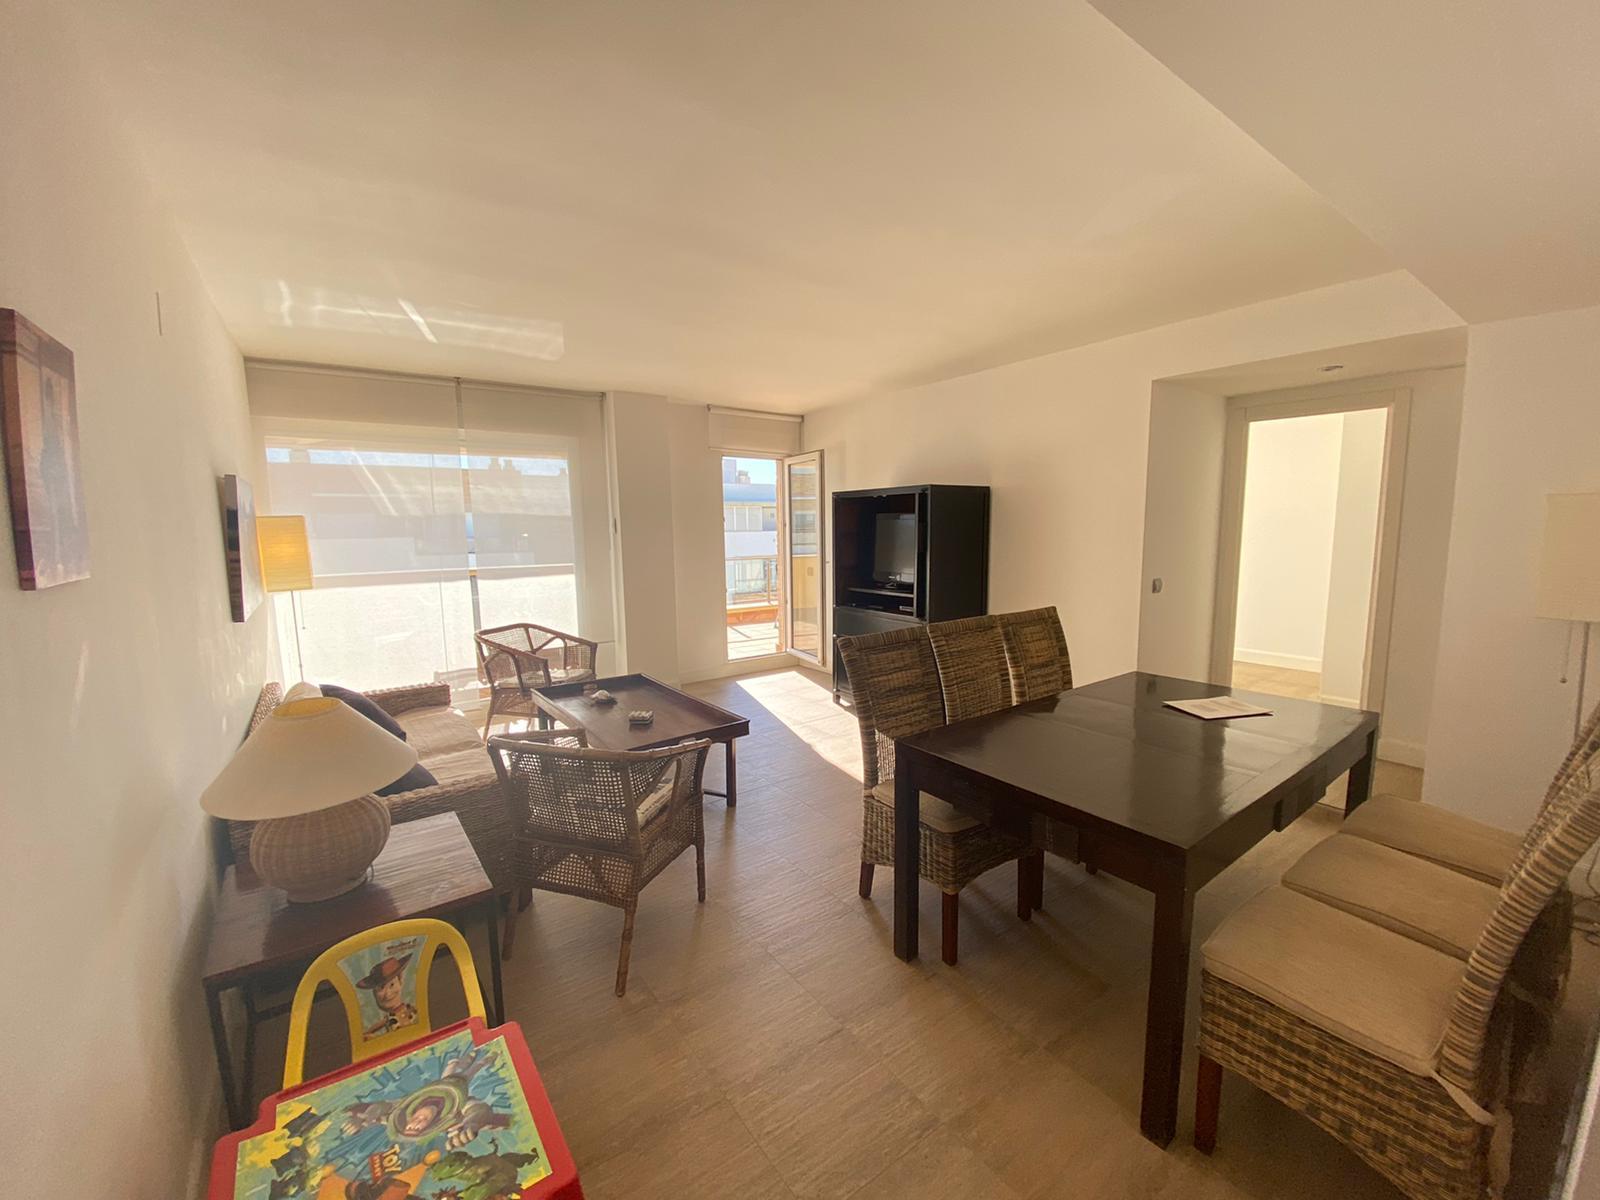 Imagen 2 del Apartamento Turístico, Ático 6 Central (3d+2b), Punta del Moral (HUELVA), Paseo de la Cruz nº22